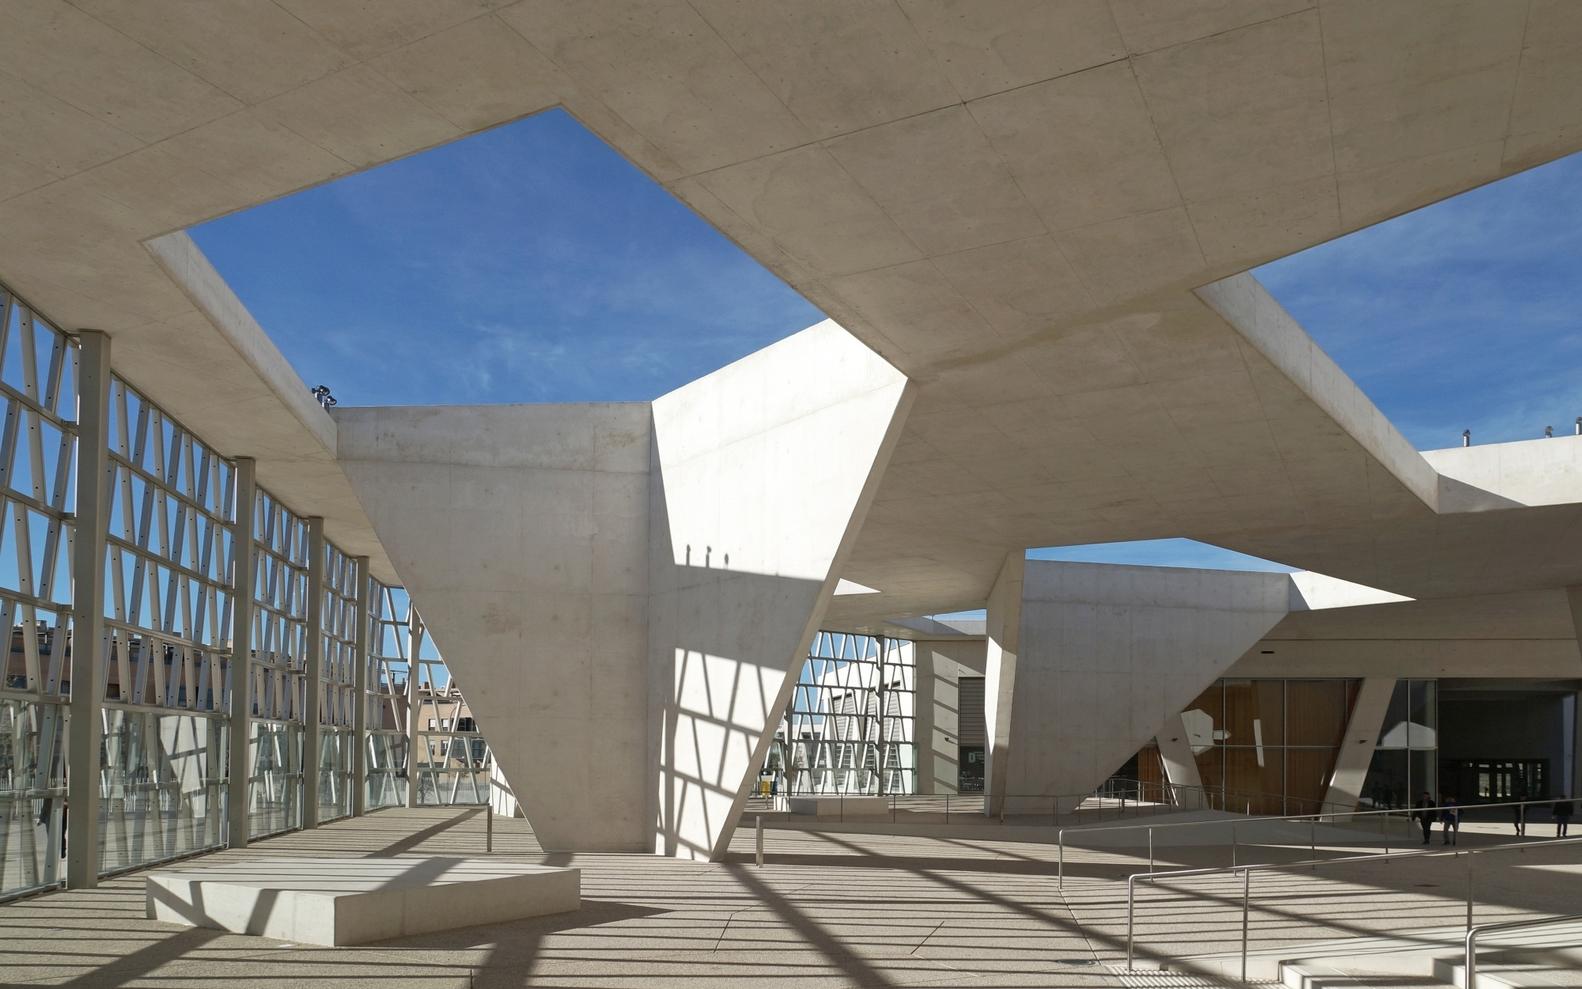 Prémio Centro Educativo: Colégio Alemão de Madrid (Espanha). Grüntuch Ernst Architects